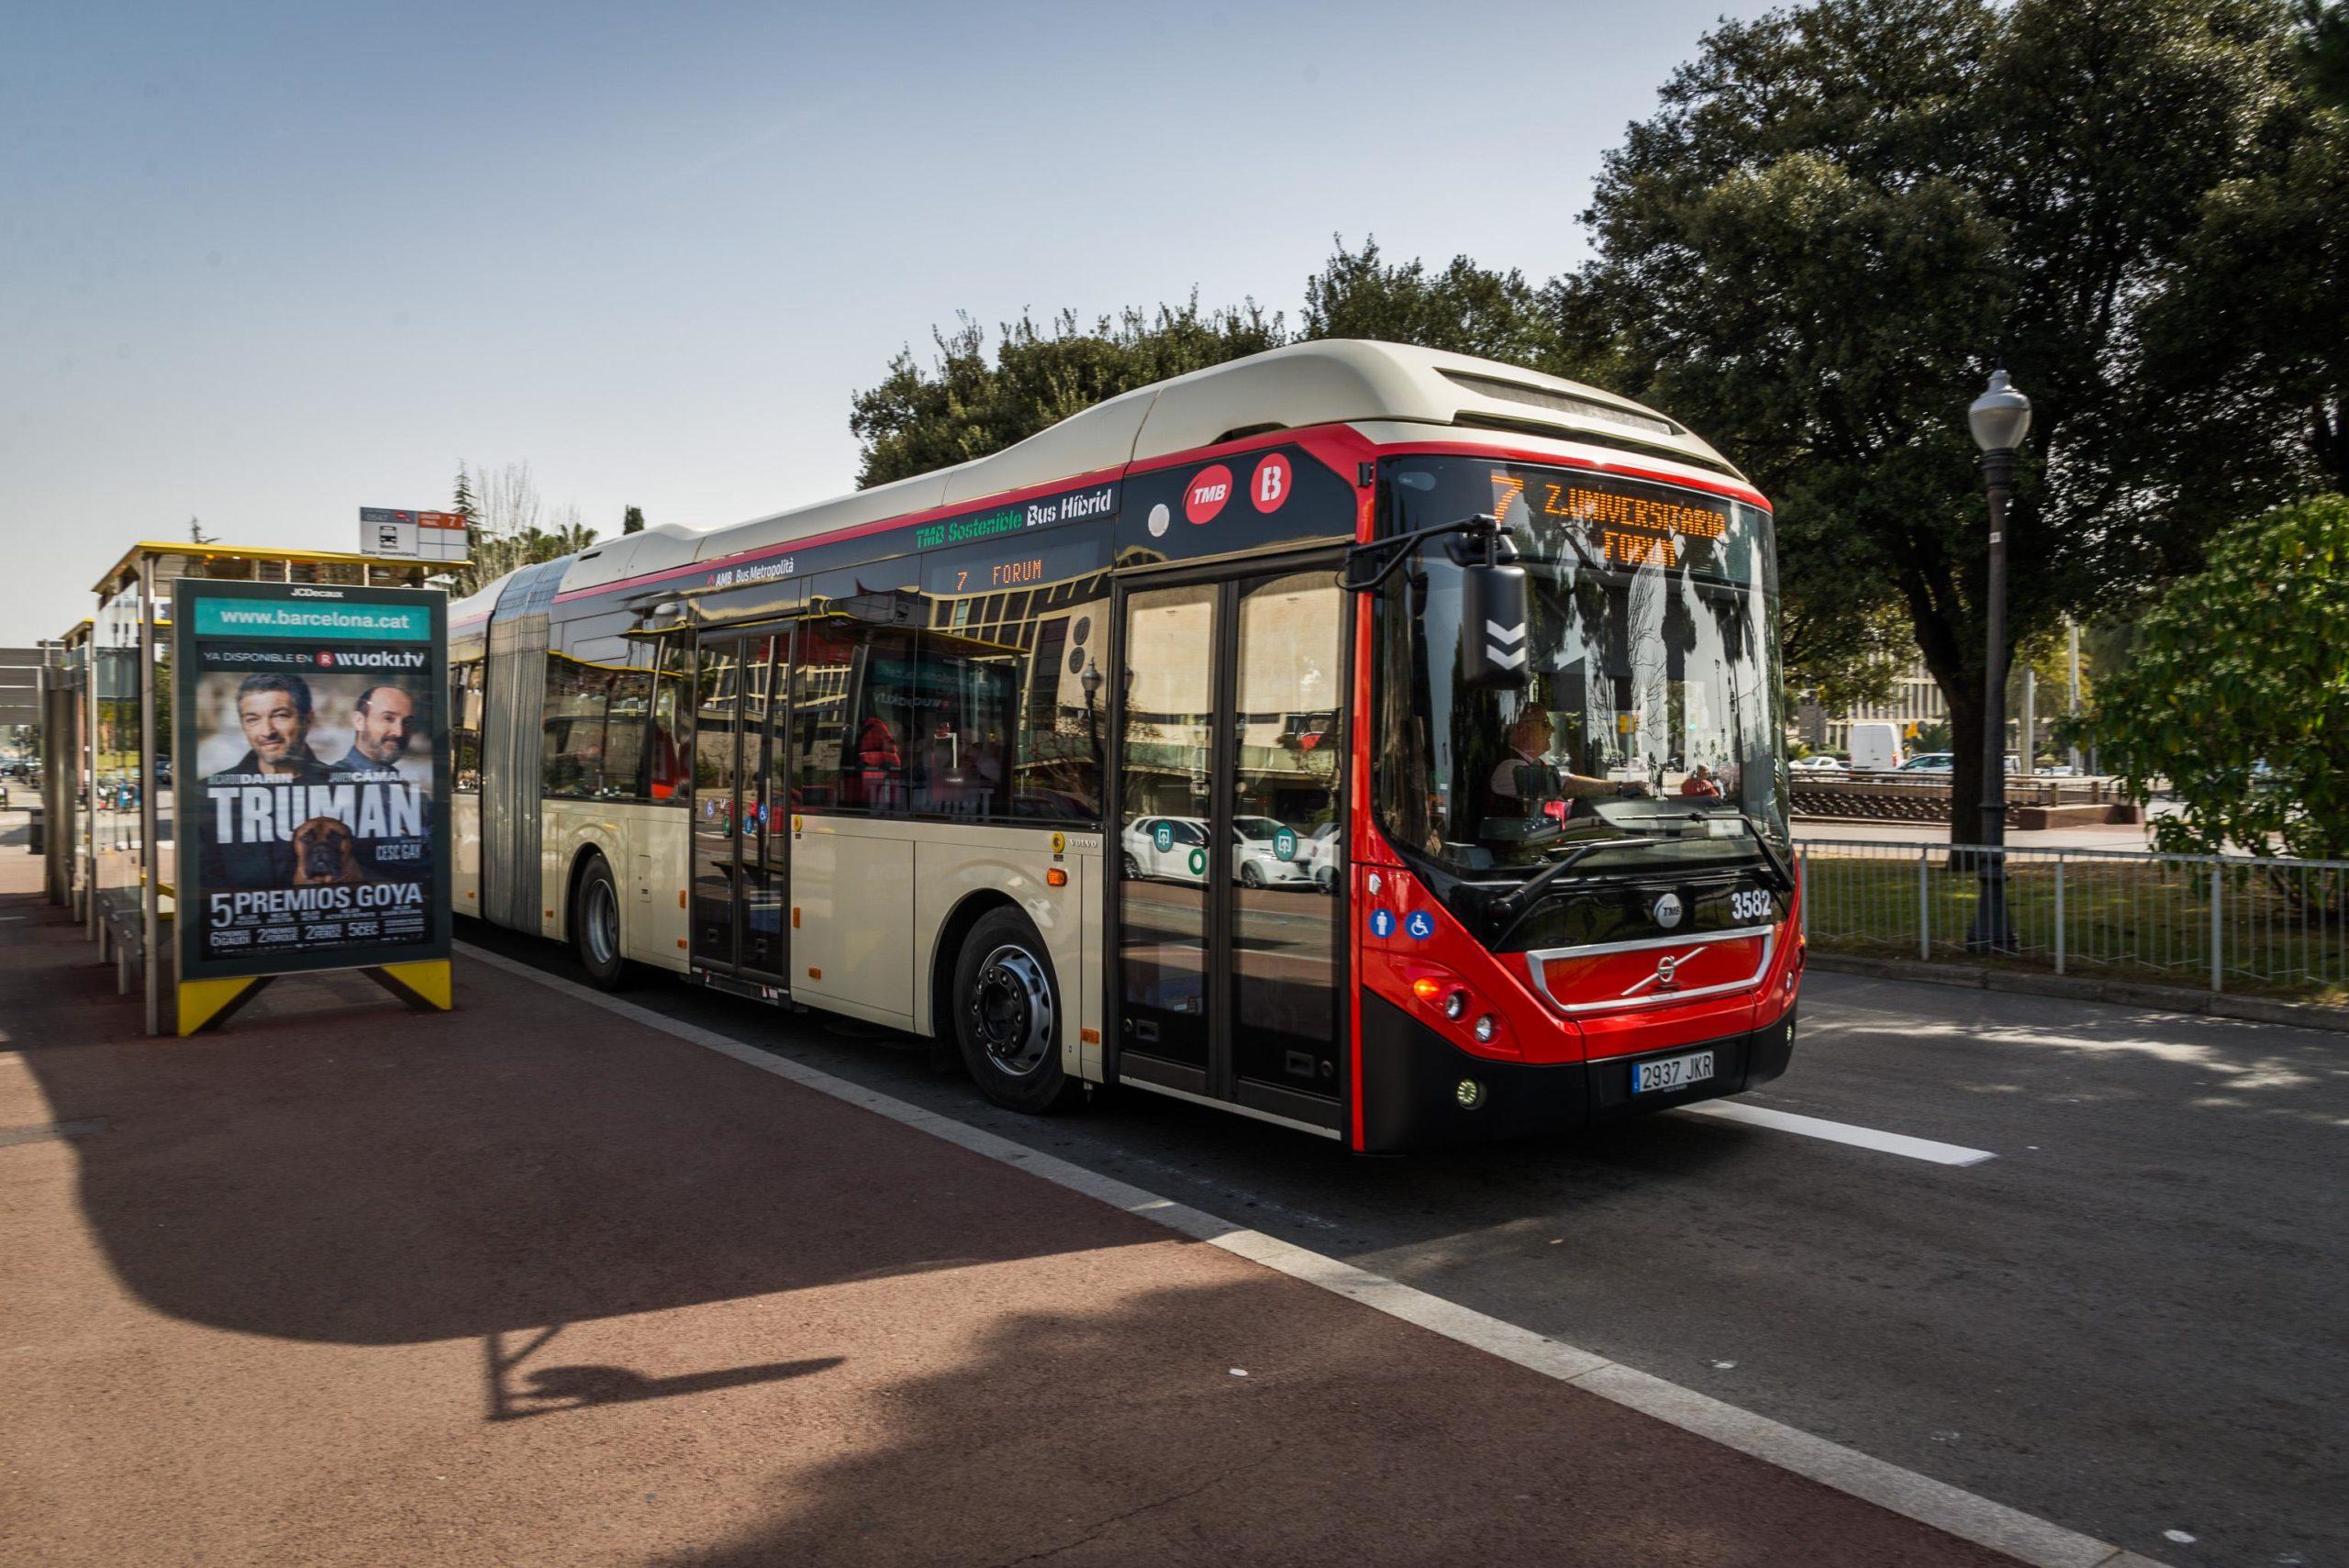 Imatge d'arxiu d'un autobús a Barcelona / TMB